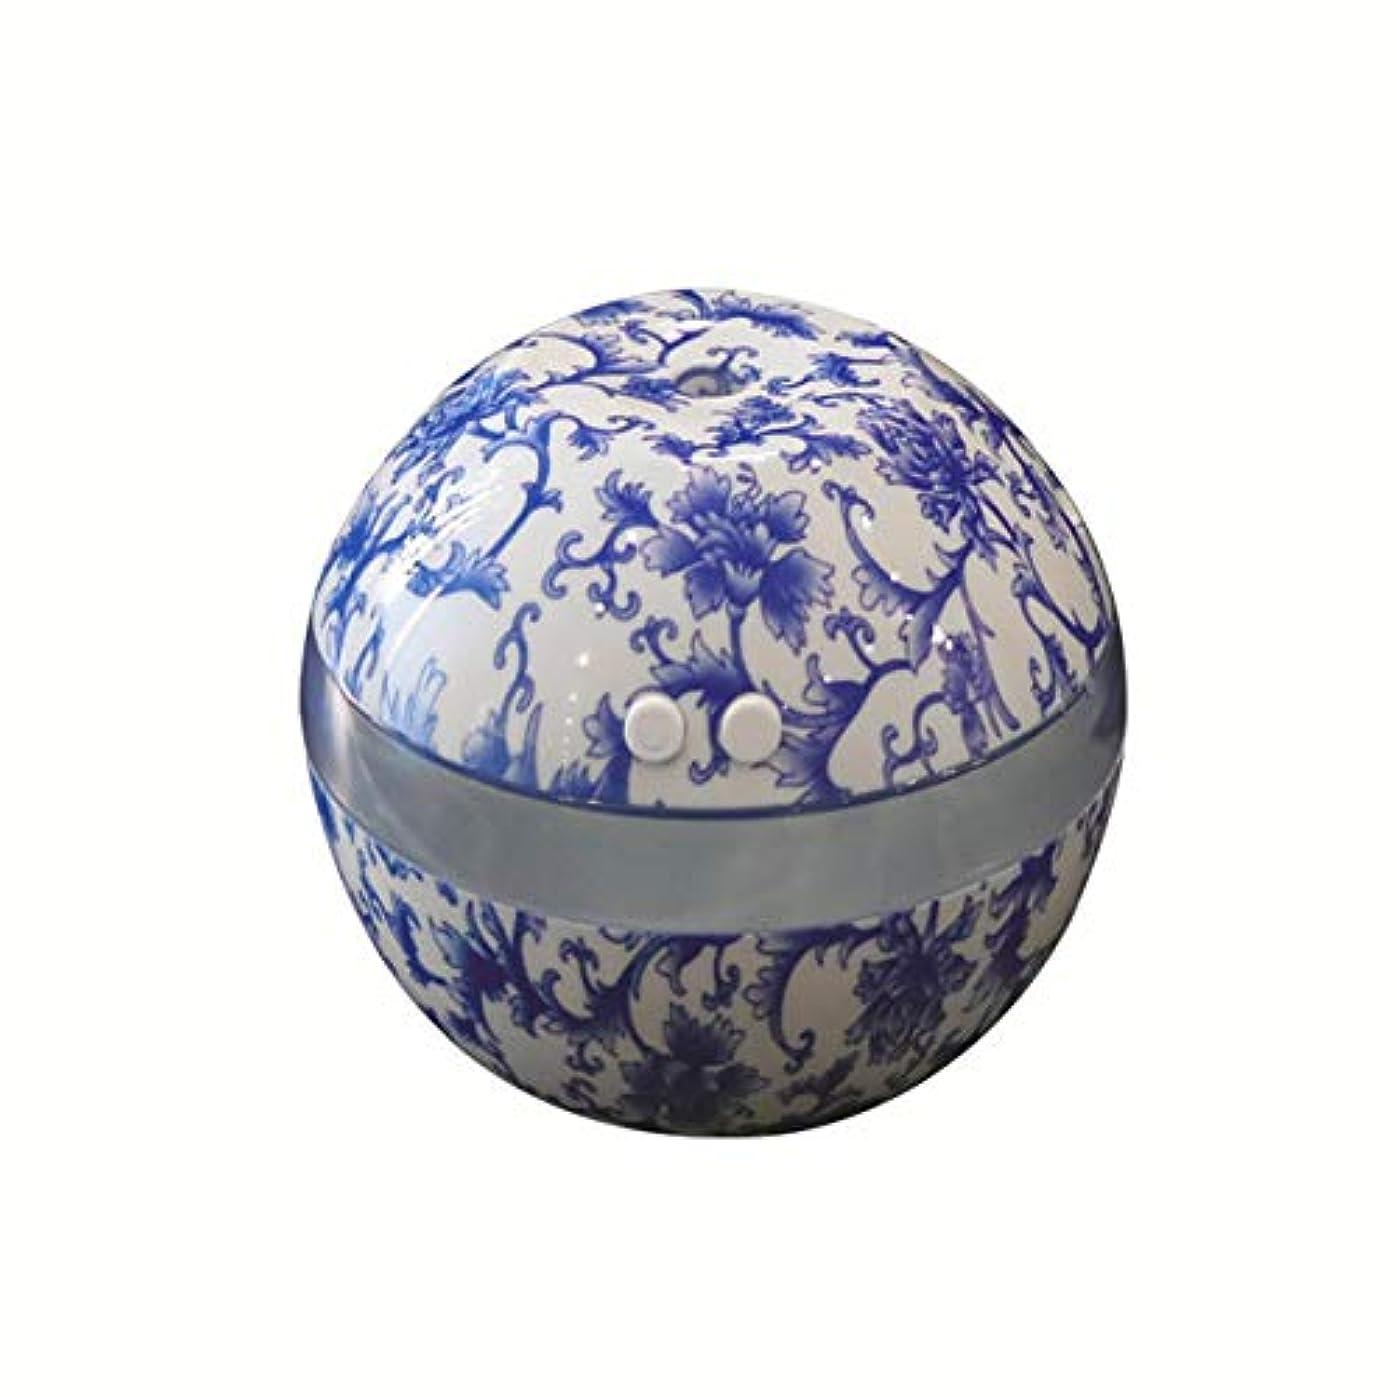 Saikogoods ブルー&ホワイトの磁器ホームオフィスSPAのための超音波加湿空気加湿器アロマエッセンシャルオイルディフューザーアロマセラピー 白青